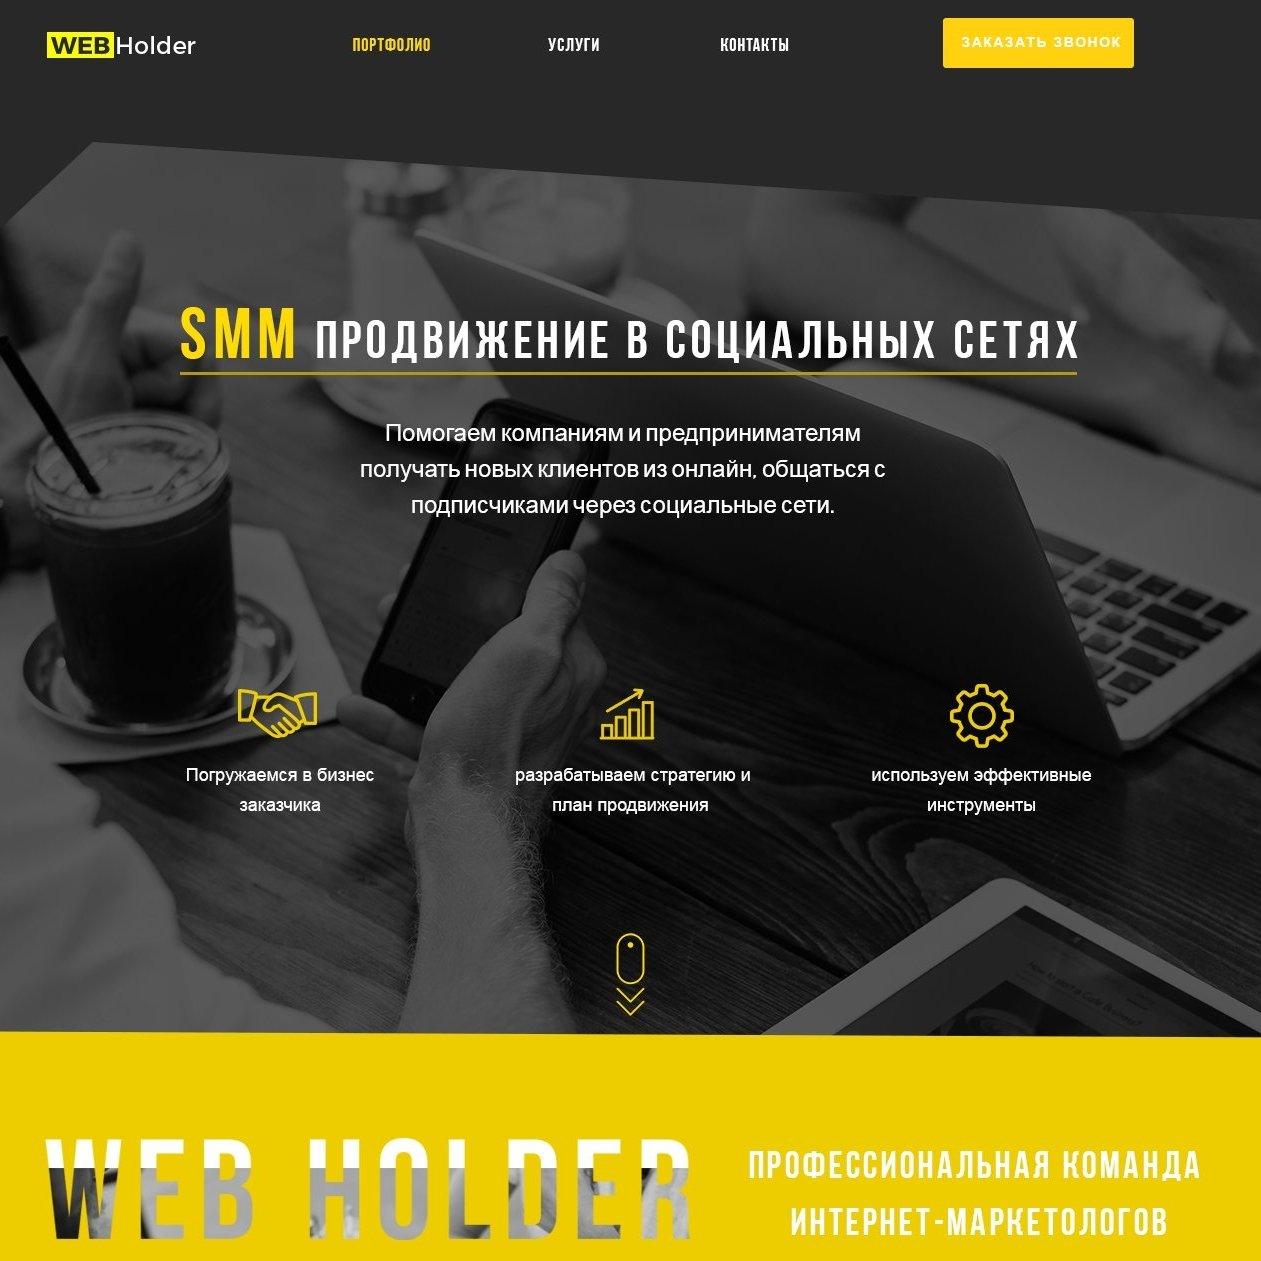 WebHolder